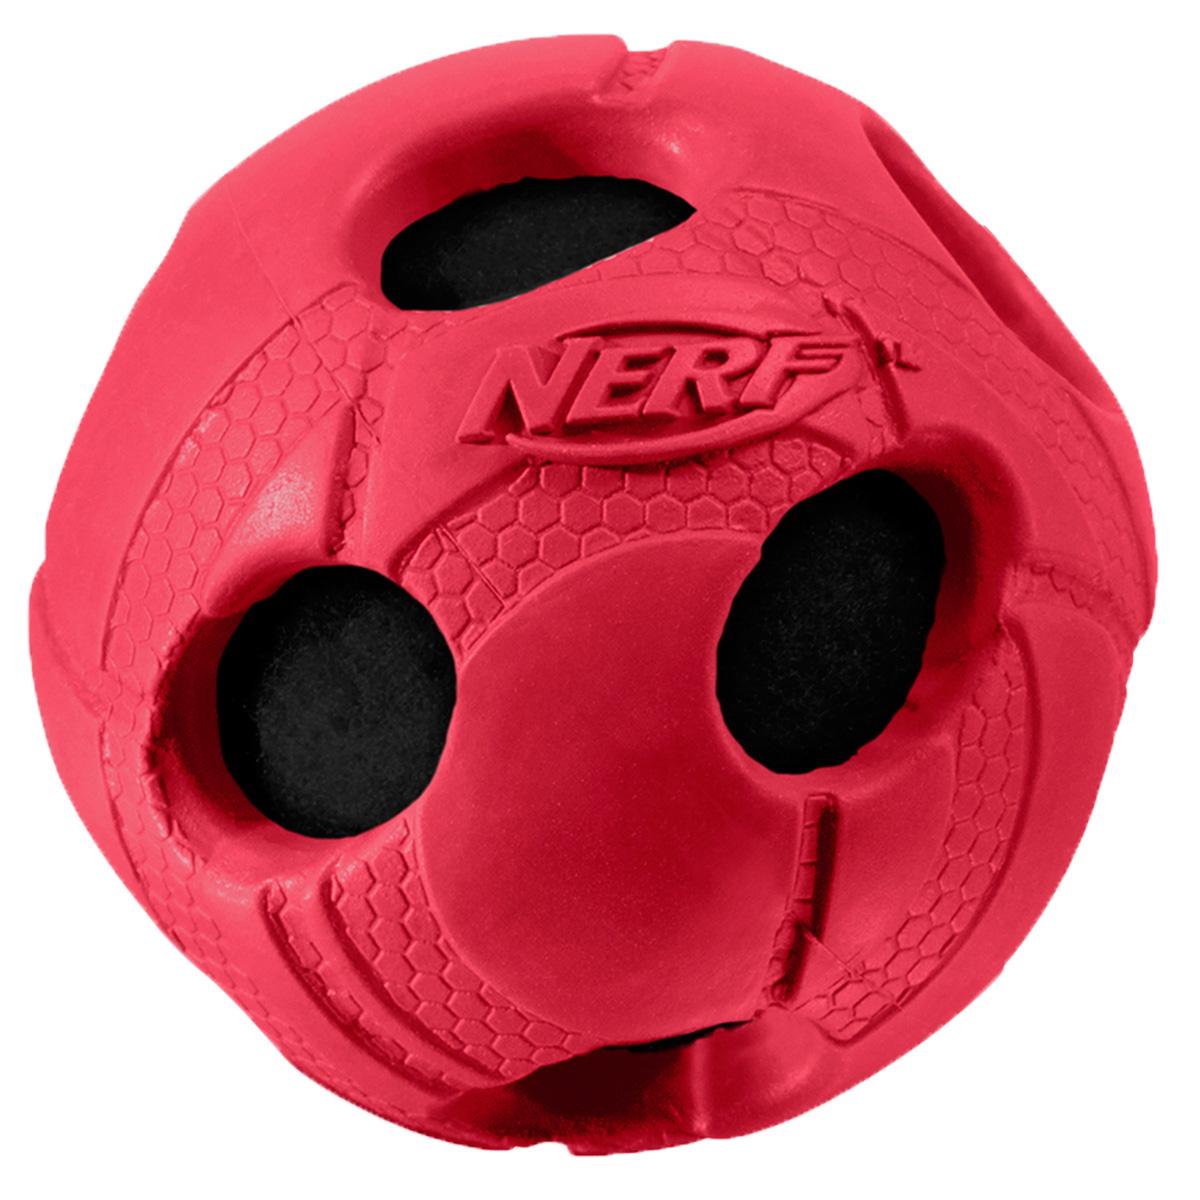 Игрушка для собак Nerf Мяч, с отверстиями, цвет: красный, 5 см75022AМяч Nerf из прочной резины с теннисным мячом внутри.Высококачественные прочные материалы, из которых изготовлена игрушка, обеспечивают долговечность использования.Звук мяча дополнительно увлекает собаку игрой.Мяч имеет яркие привлекательные цвета и рельефный рисунок.Размер XS: 5 см.